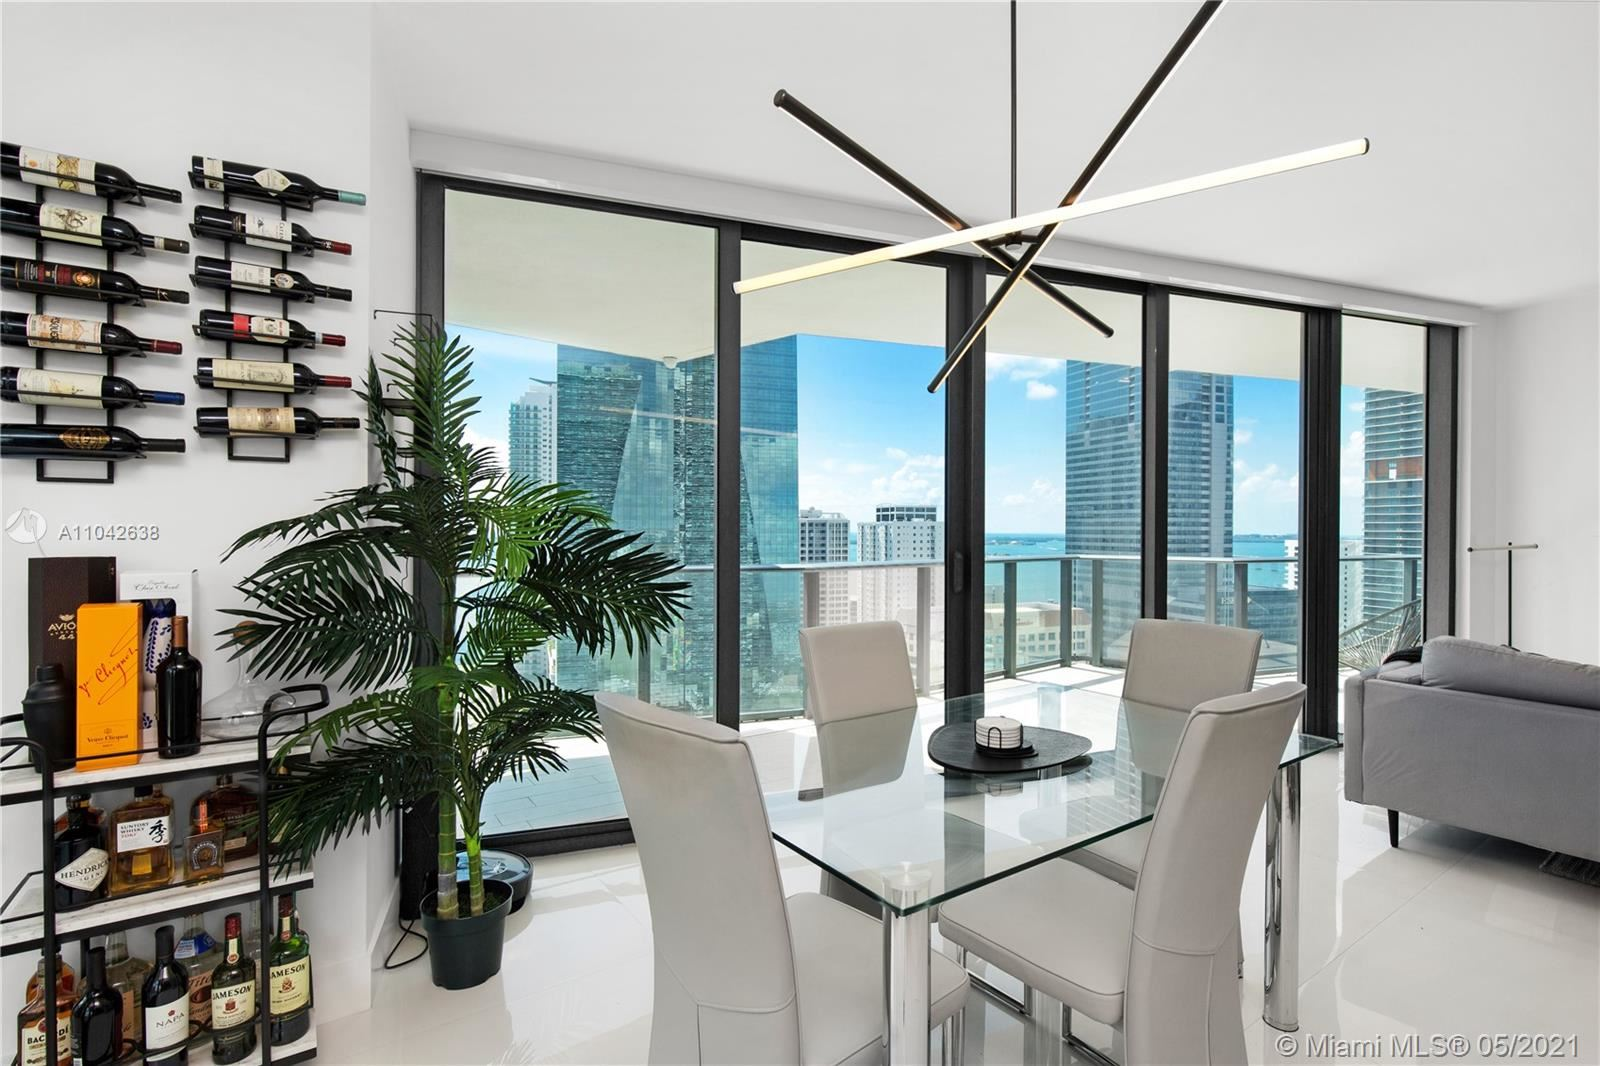 1300 S Miami Ave #2401, Miami, FL 33130 - #: A11042638